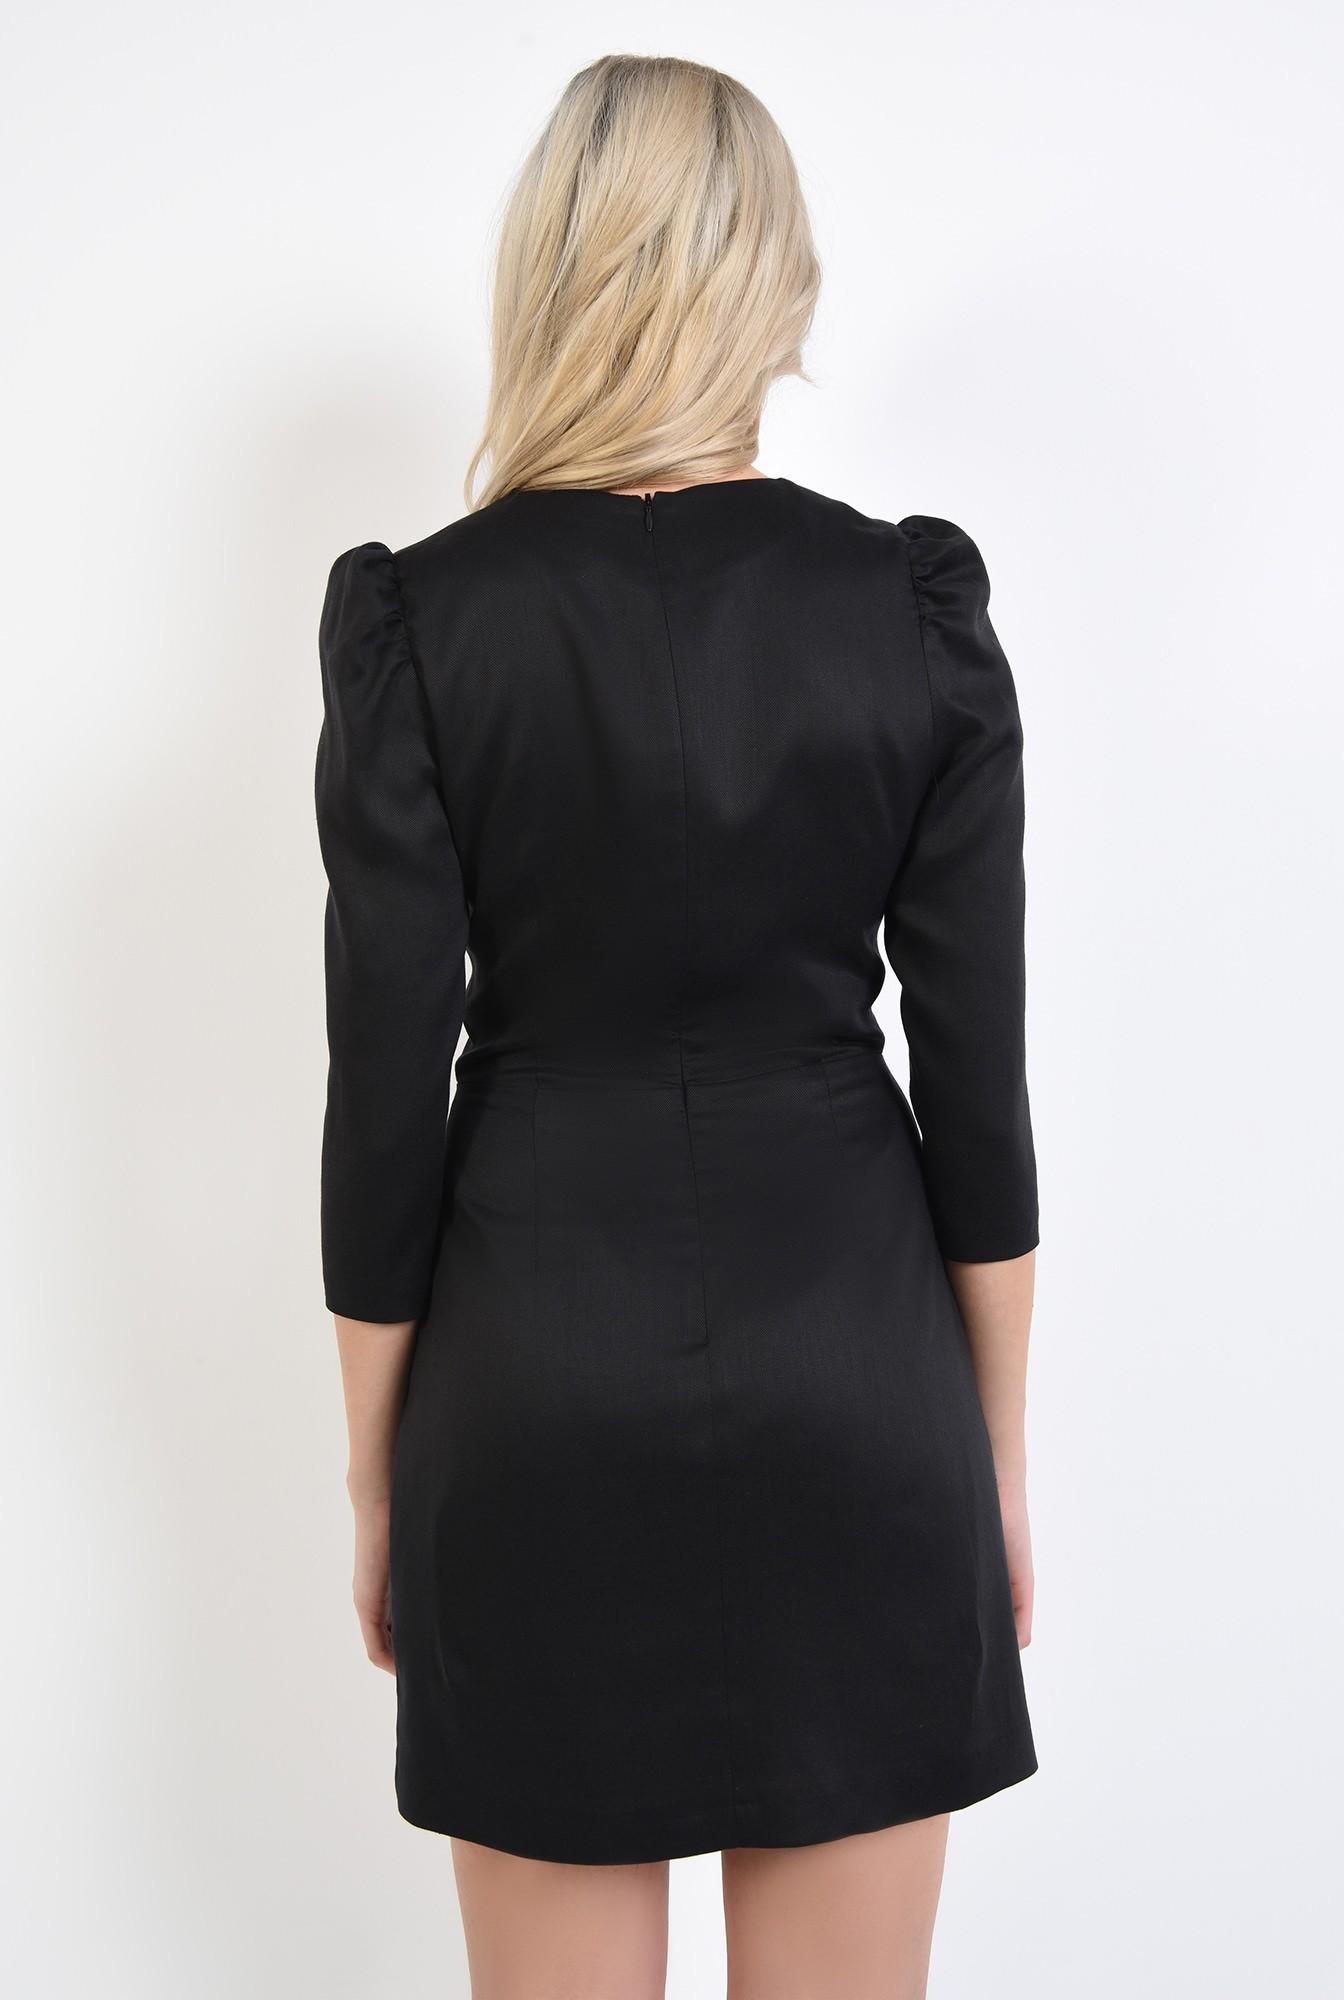 1 - 360 - rochie de zi, casual, neagra, cu funda, maneci cu cret la umar